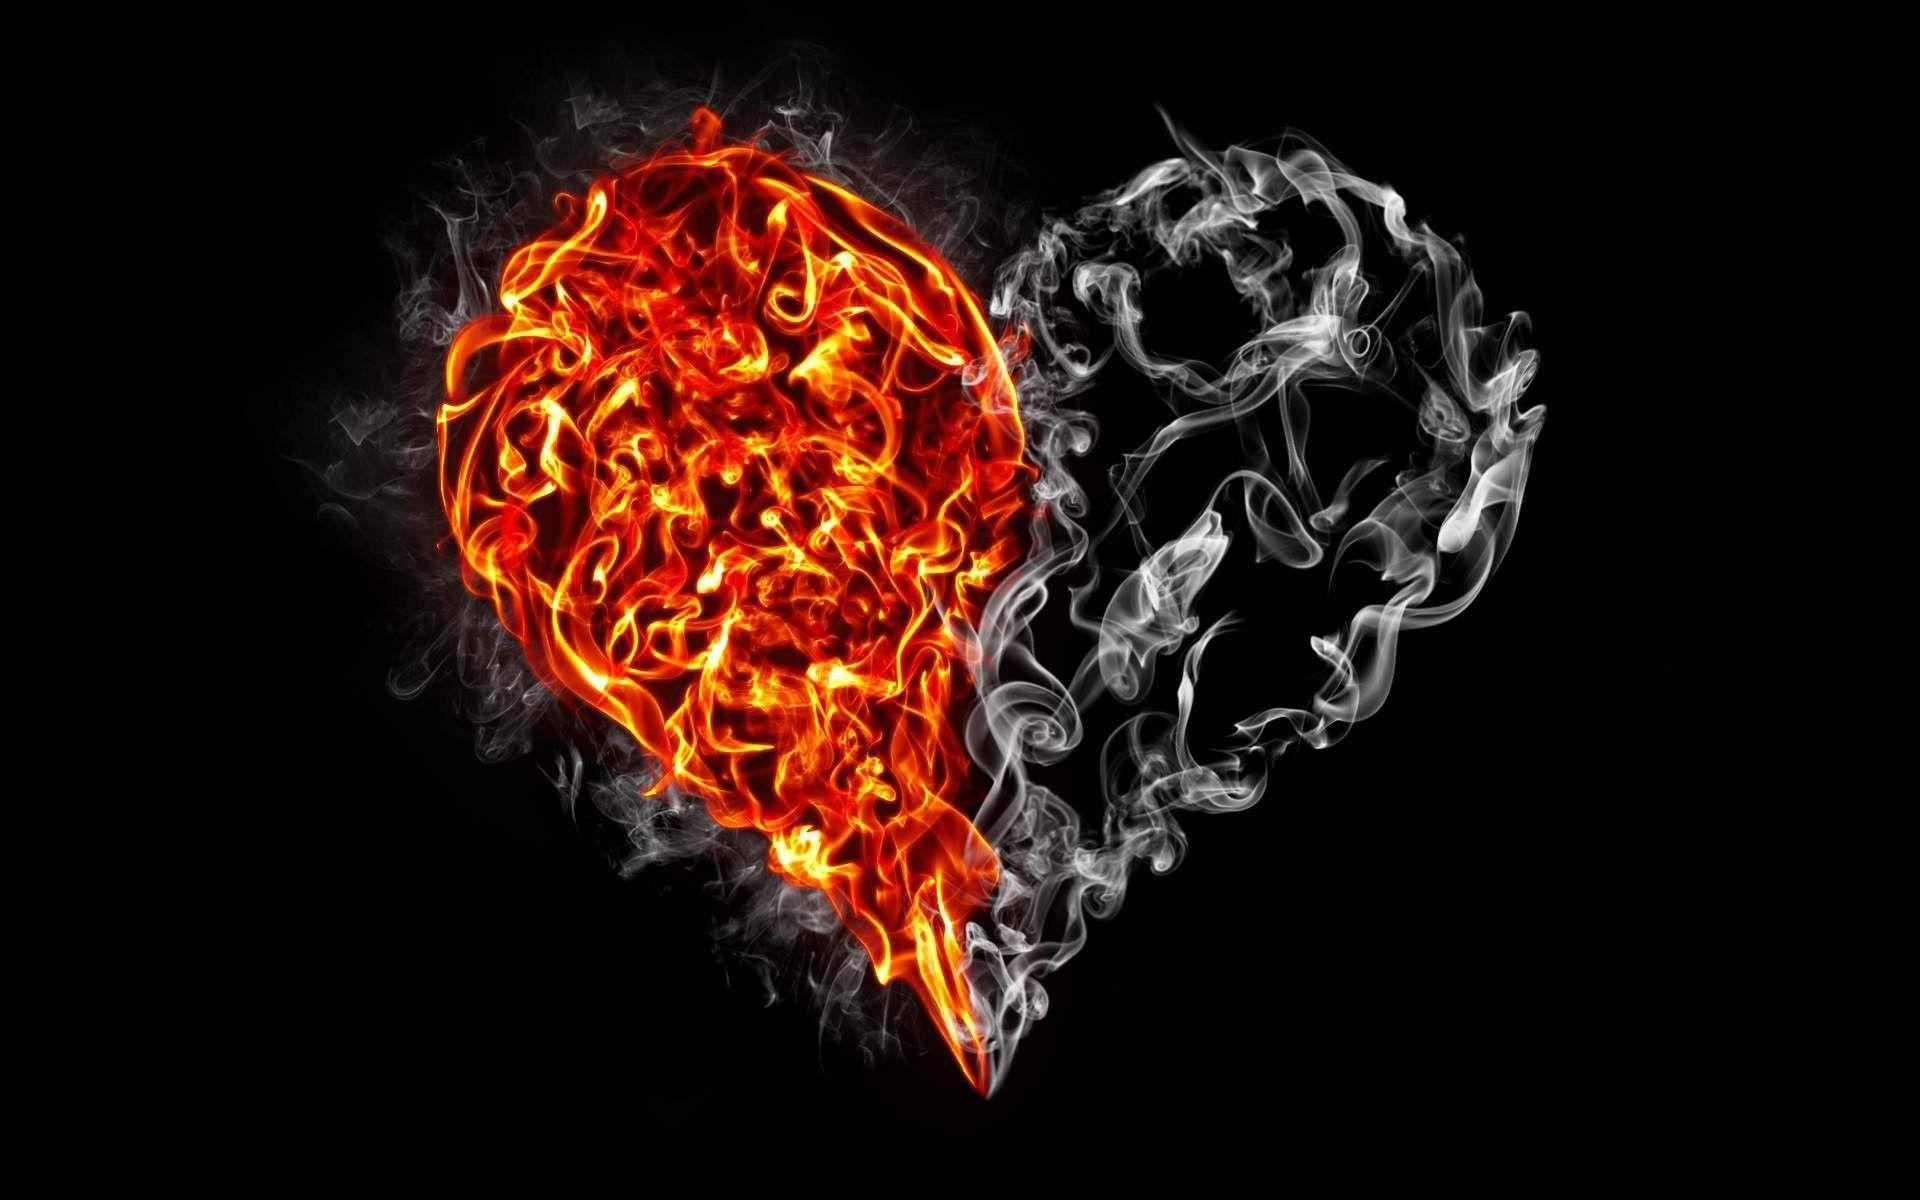 Dark Heart Wallpapers Top Free Dark Heart Backgrounds